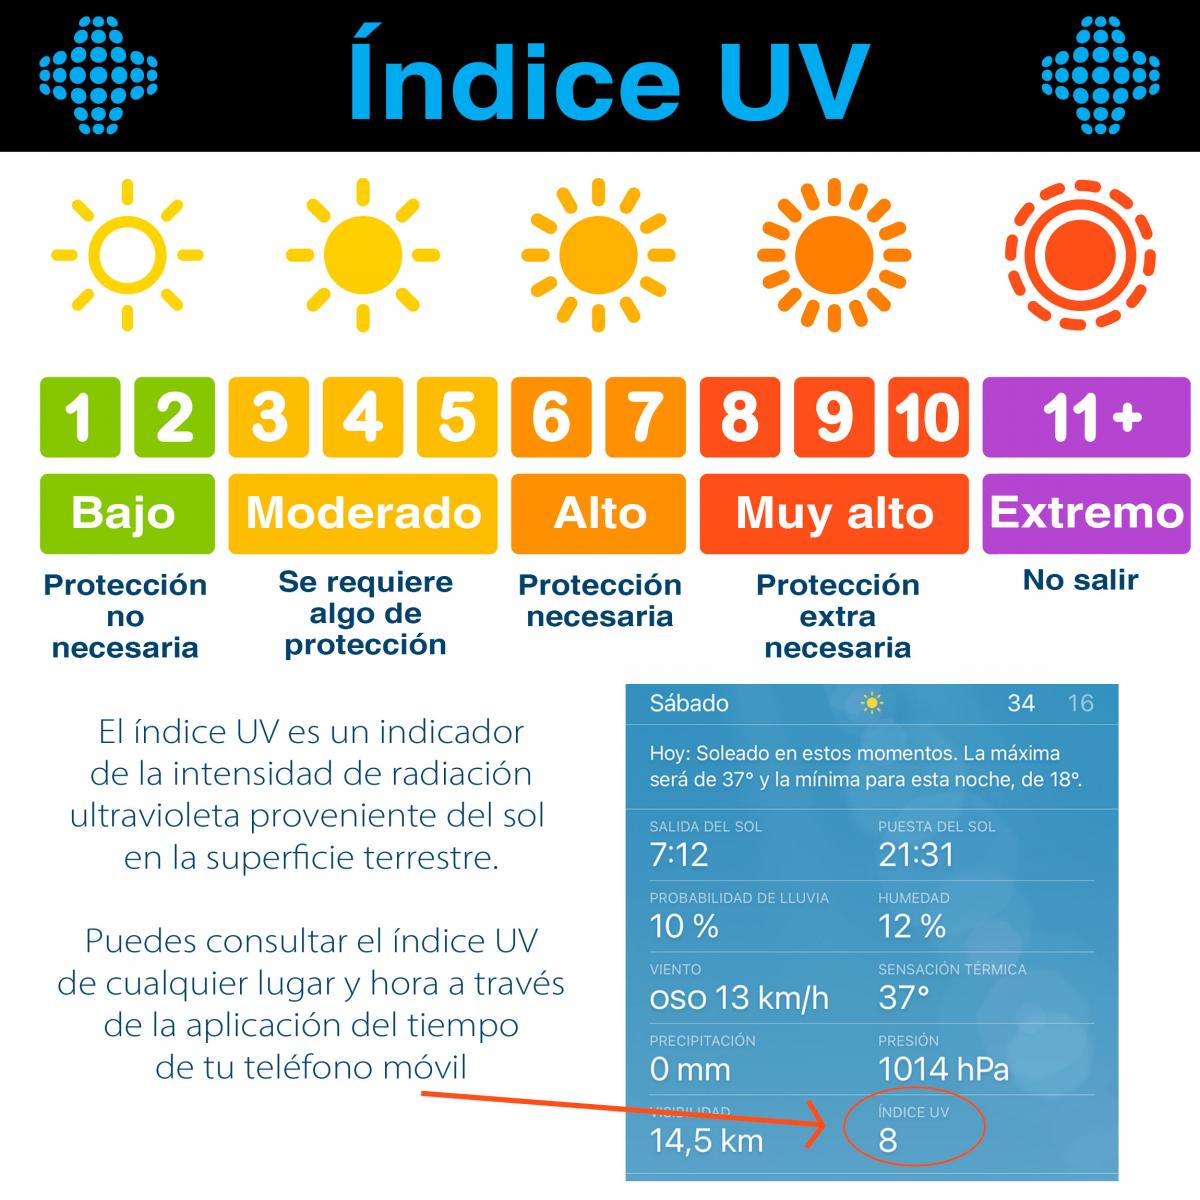 El Índice UV